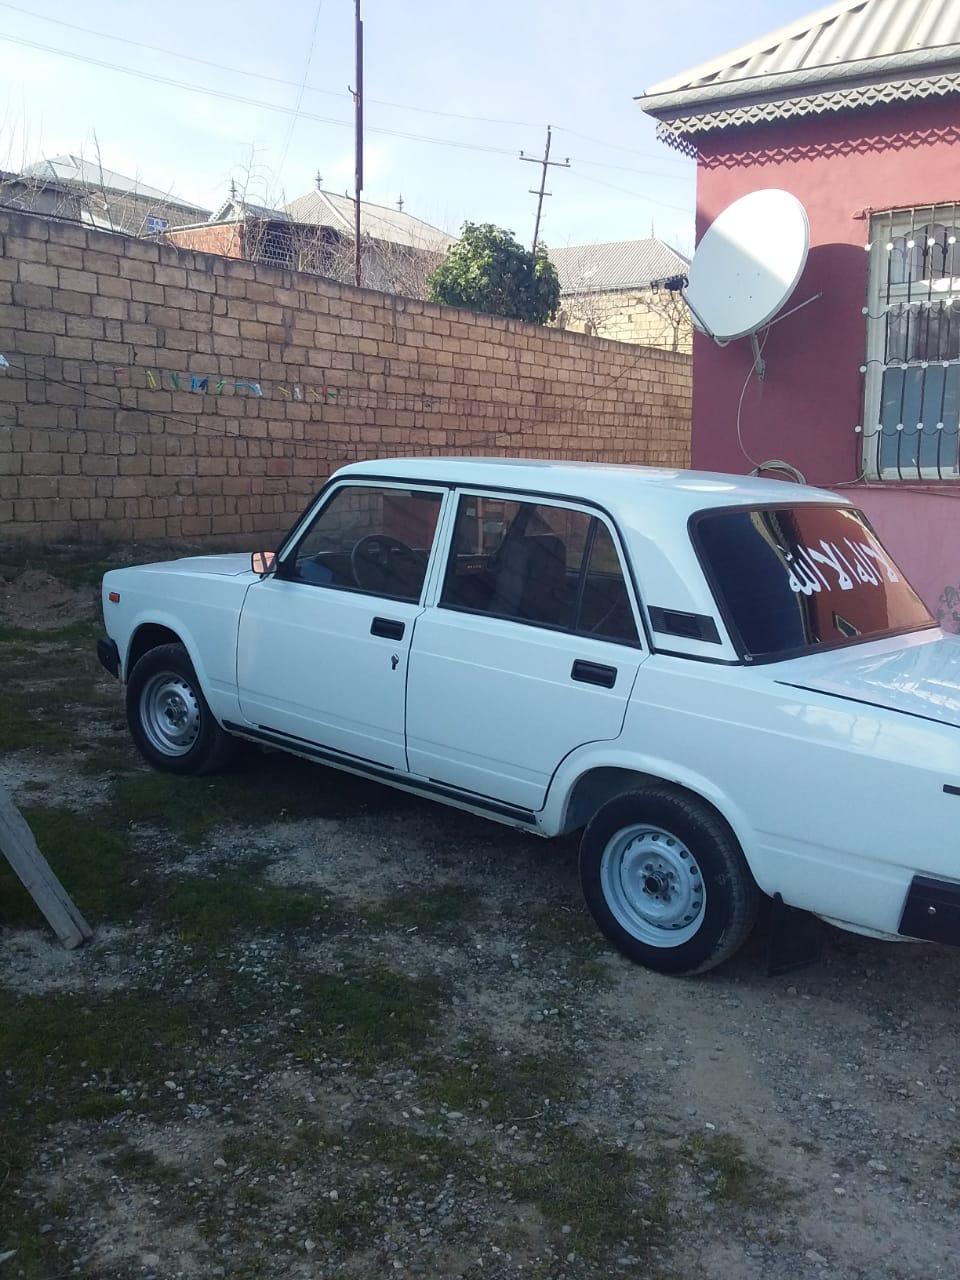 VAZ 2107 1.6(lt) 2004 Подержанный  $3700